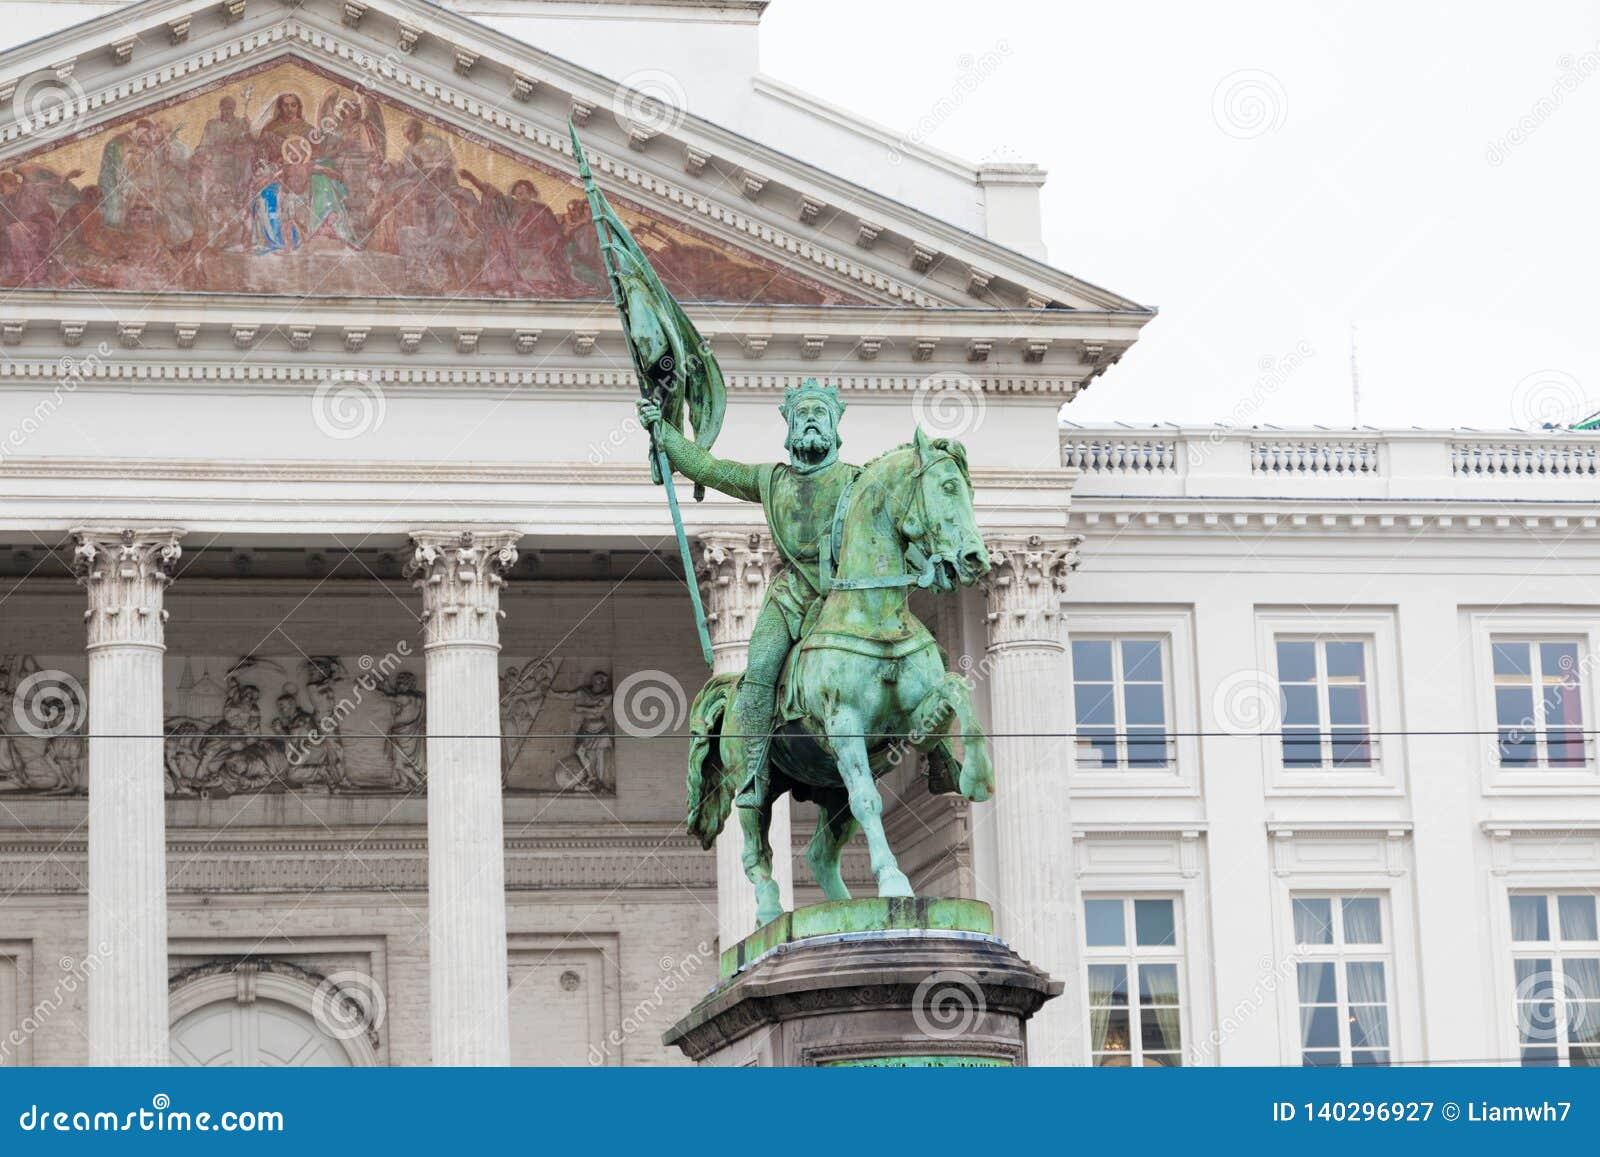 布鲁塞尔/比利时01 02 19:阿尔伯特Statue In布鲁塞尔比利时国王